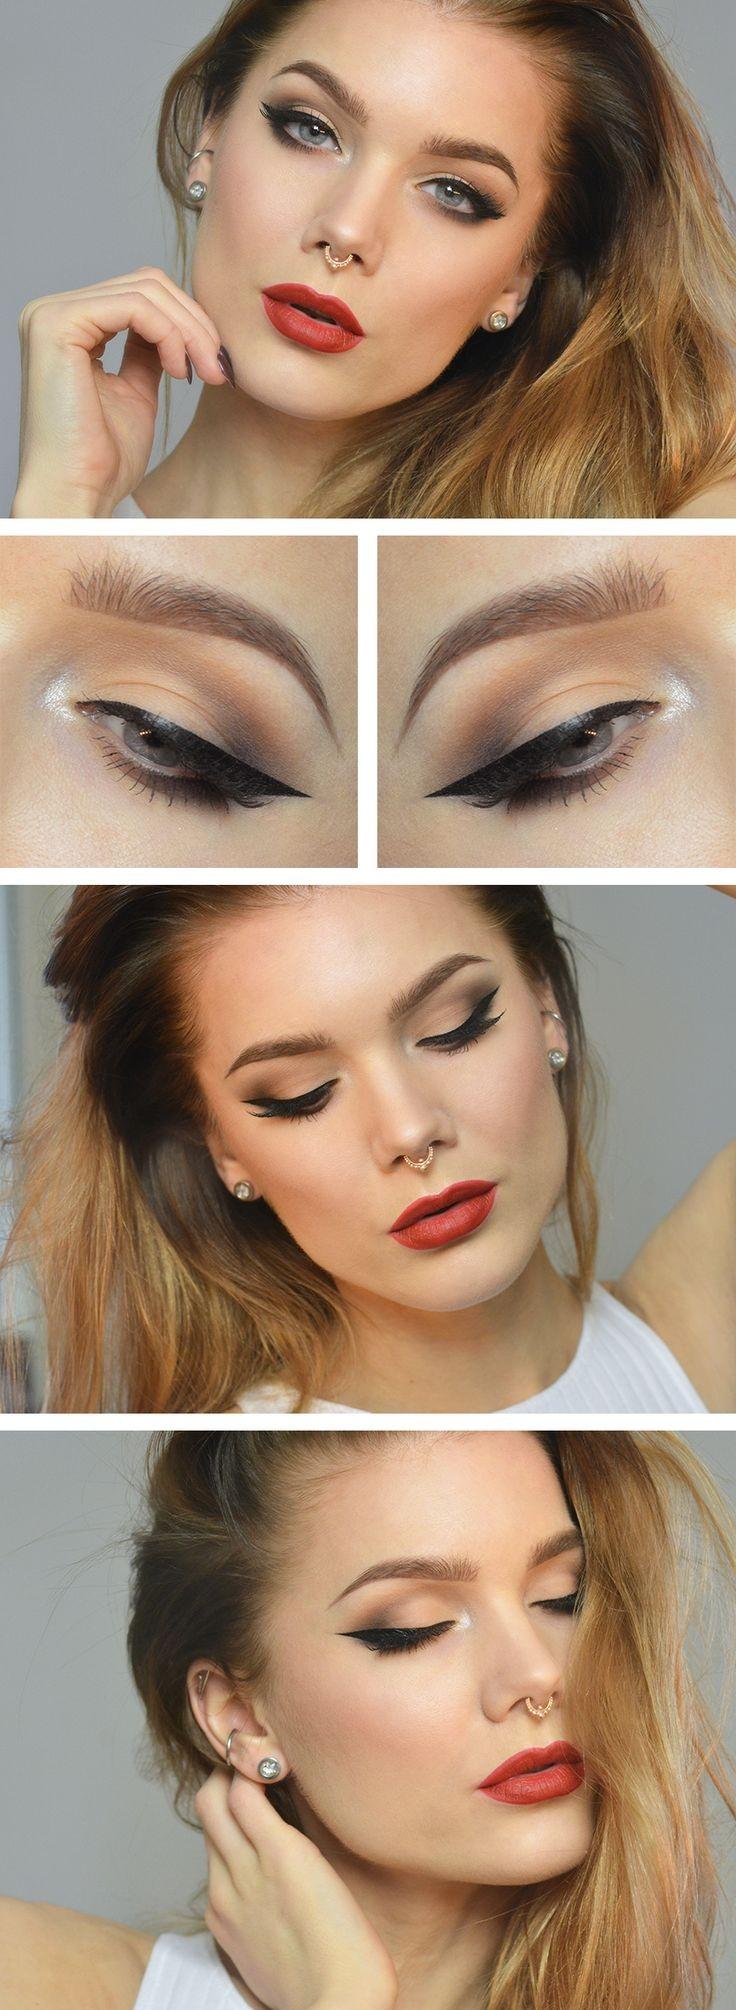 Linda Hallberg - winged eyeliner and red lip